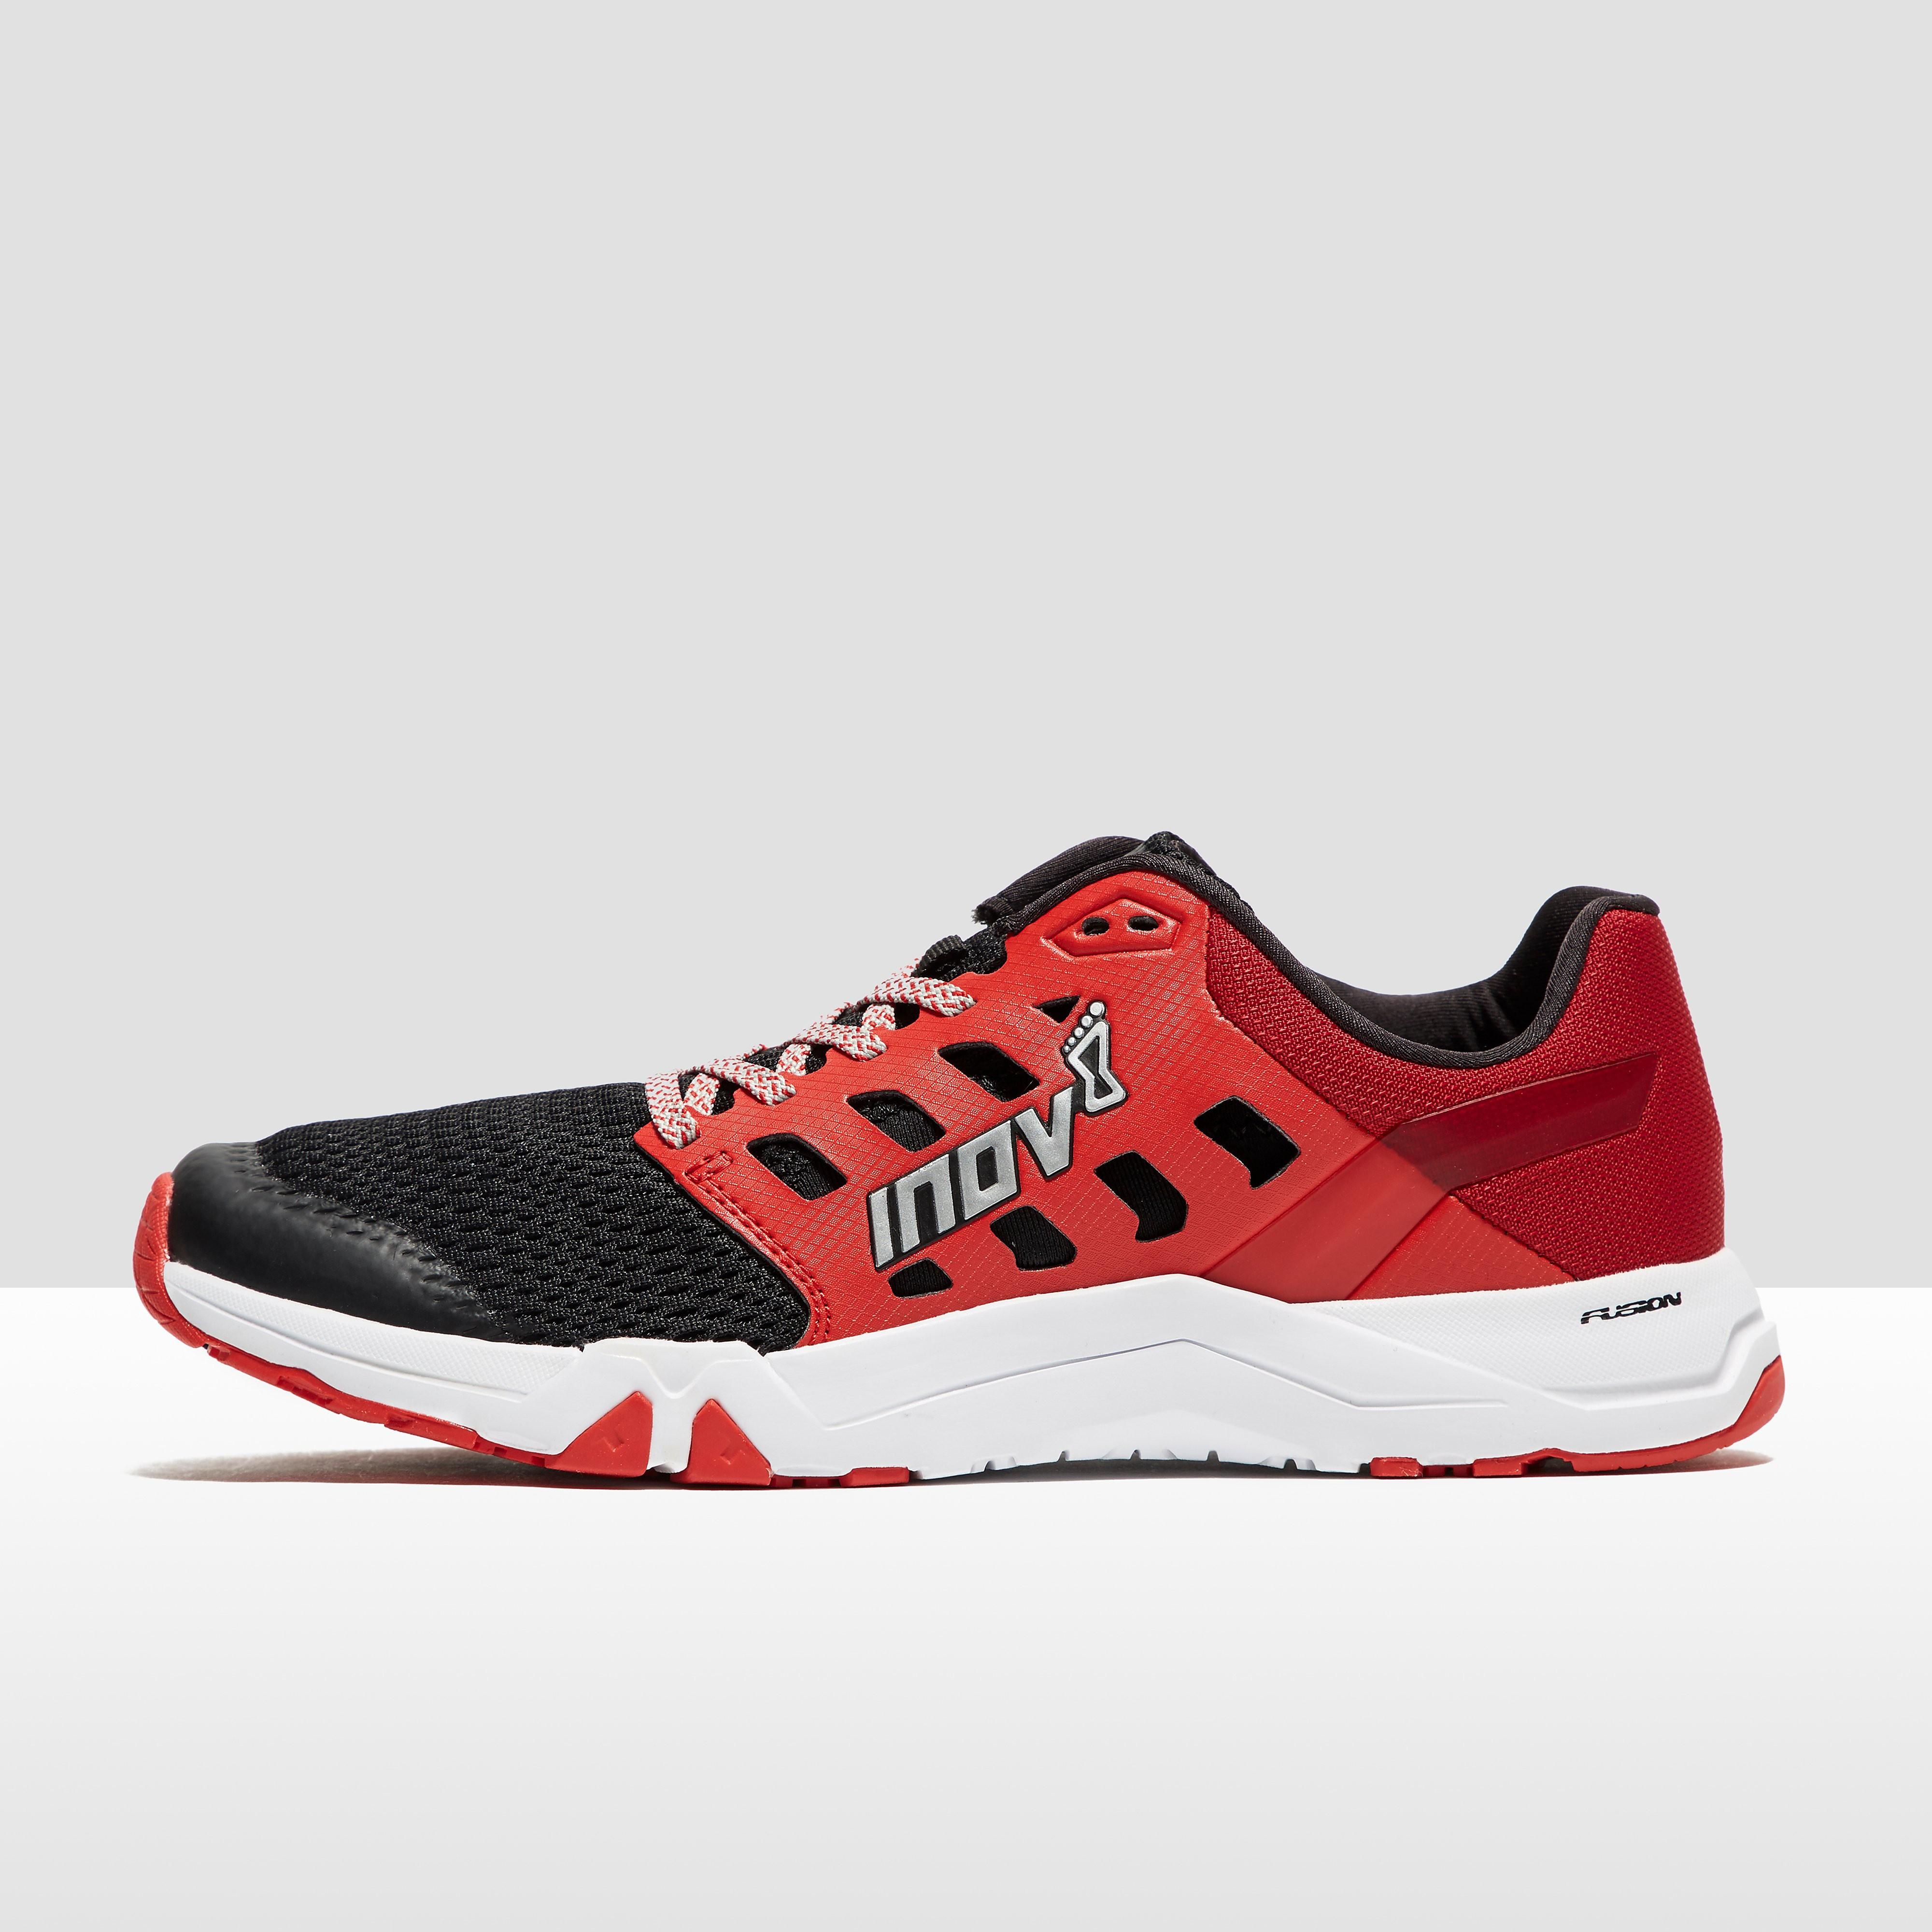 Inov-8 All Train 215 Men's Training Shoes